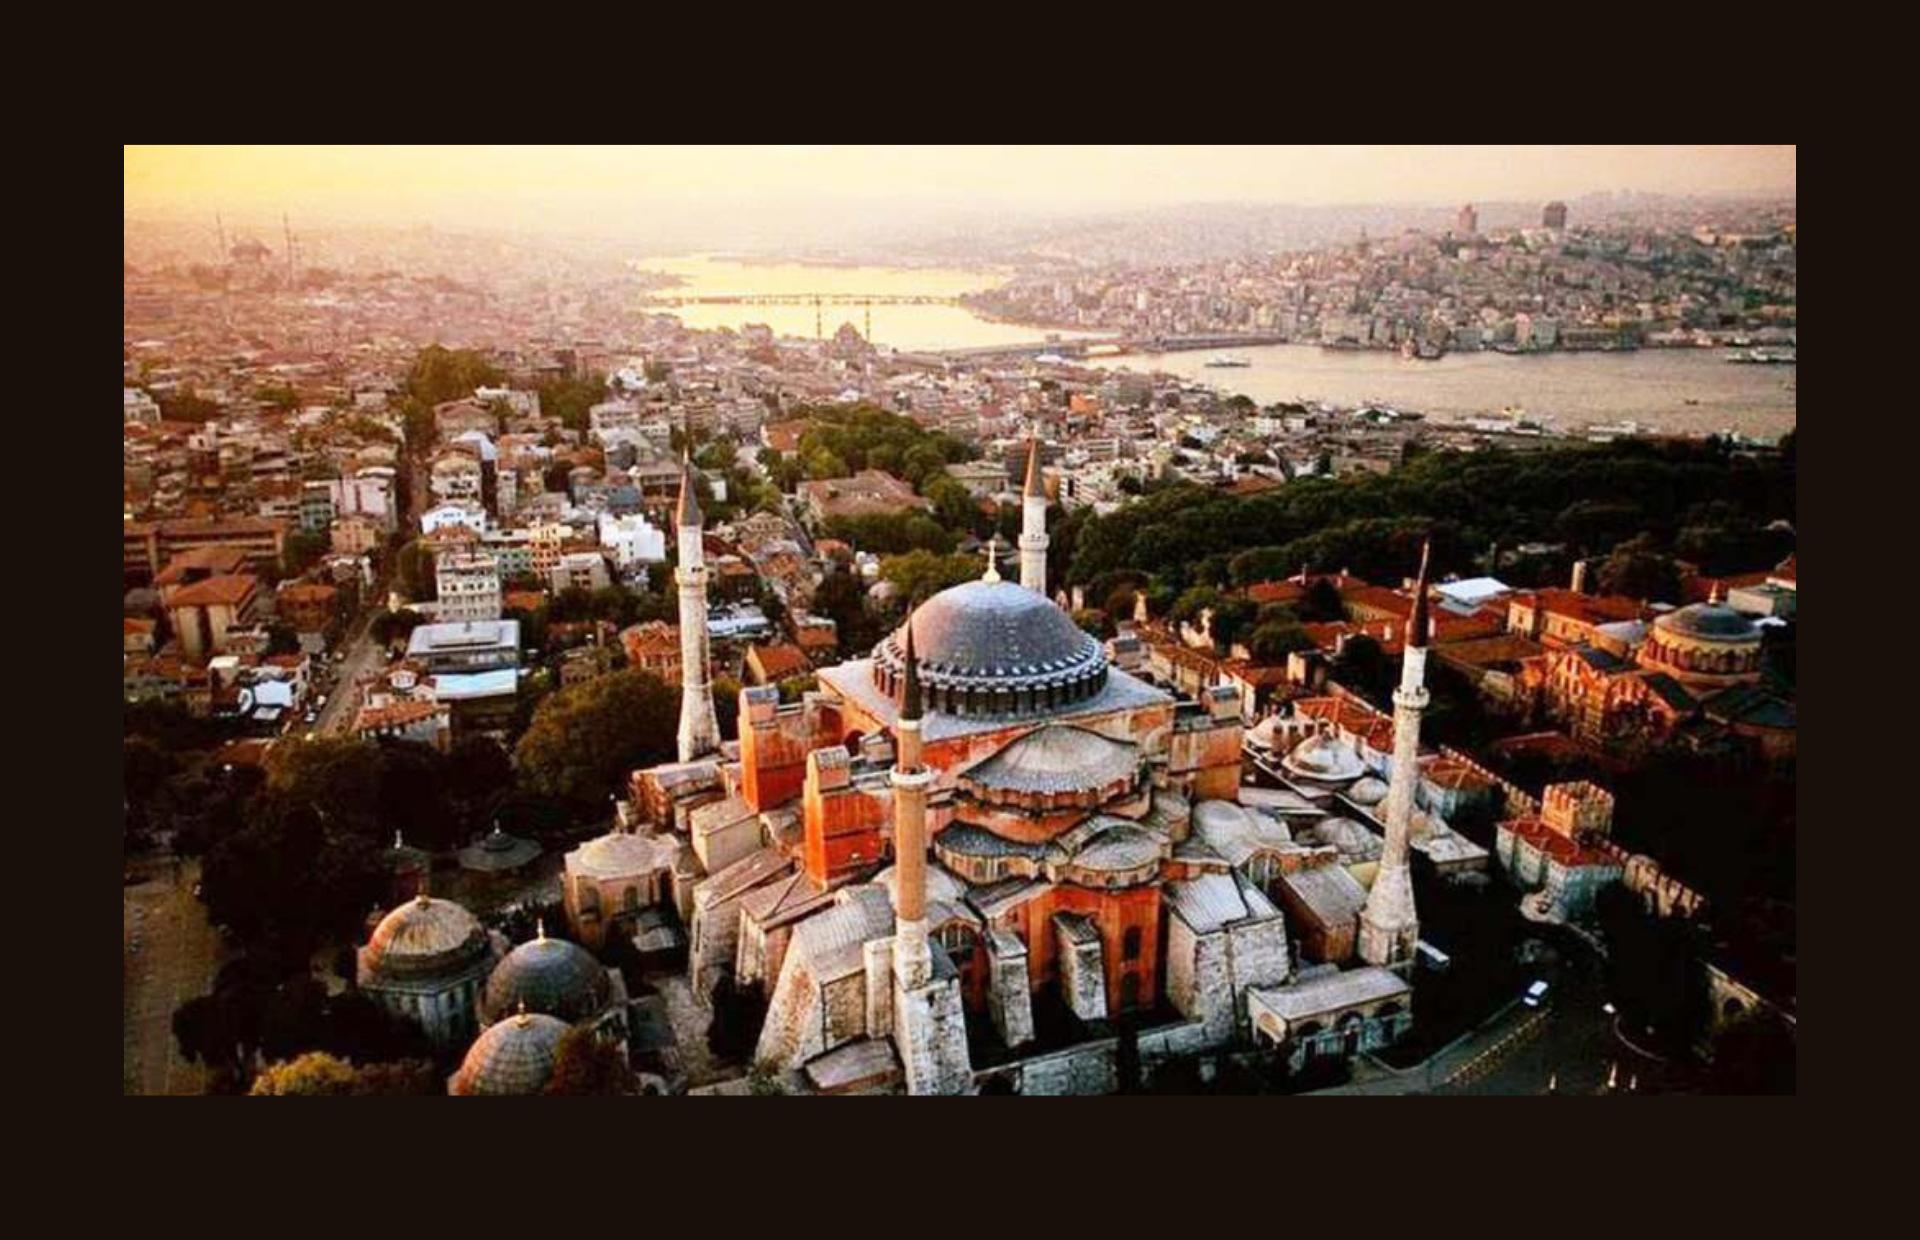 11 Μαΐου 330 μ.Χ. –  «Γενέθλιον της Κωνσταντινούπολης»